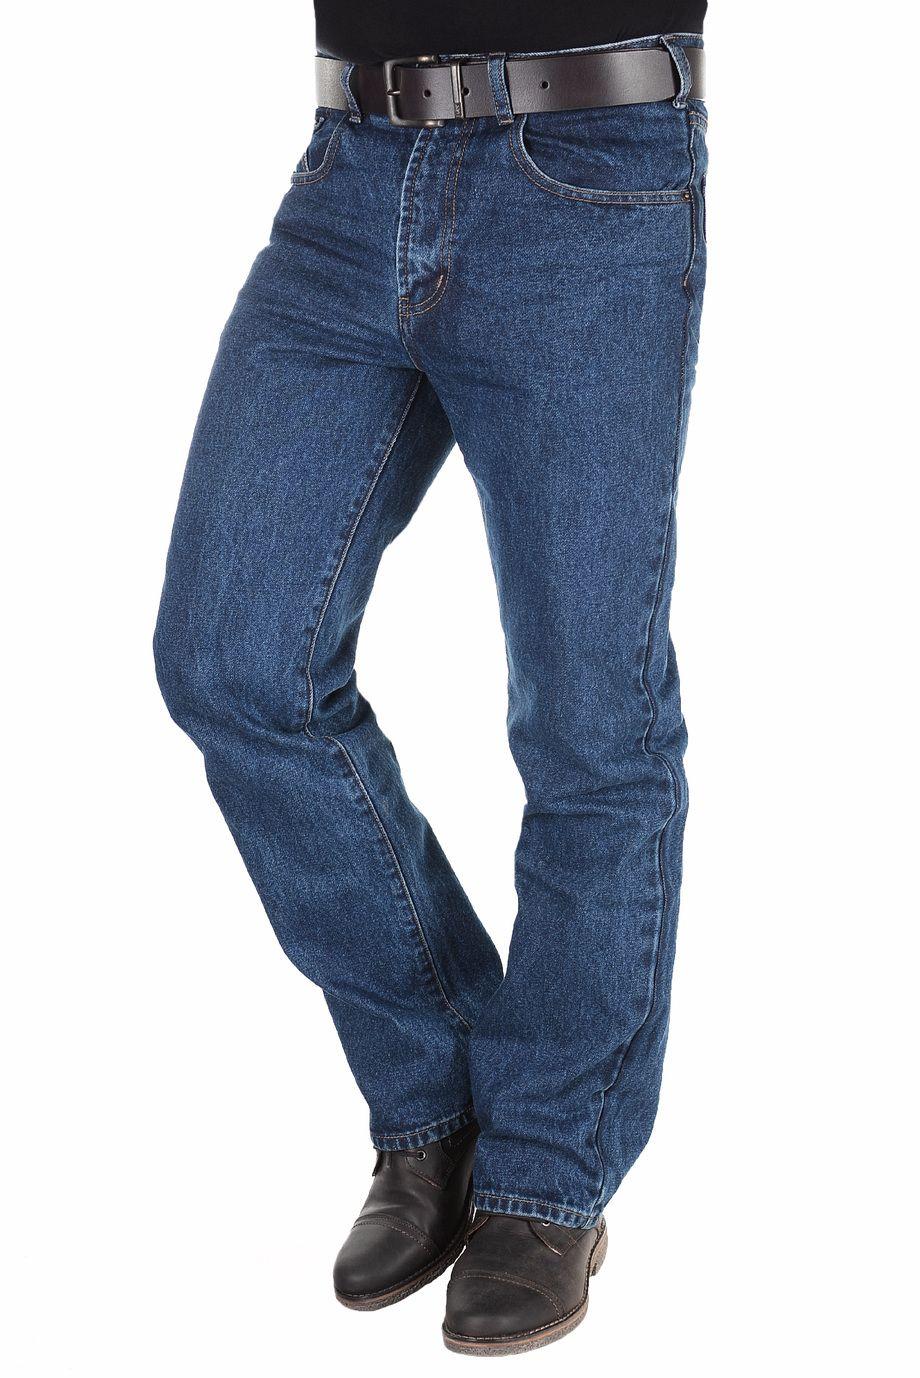 7e91fe7b1cd Оригинальные джинсы Montana (Монтана) в Екатеринбурге